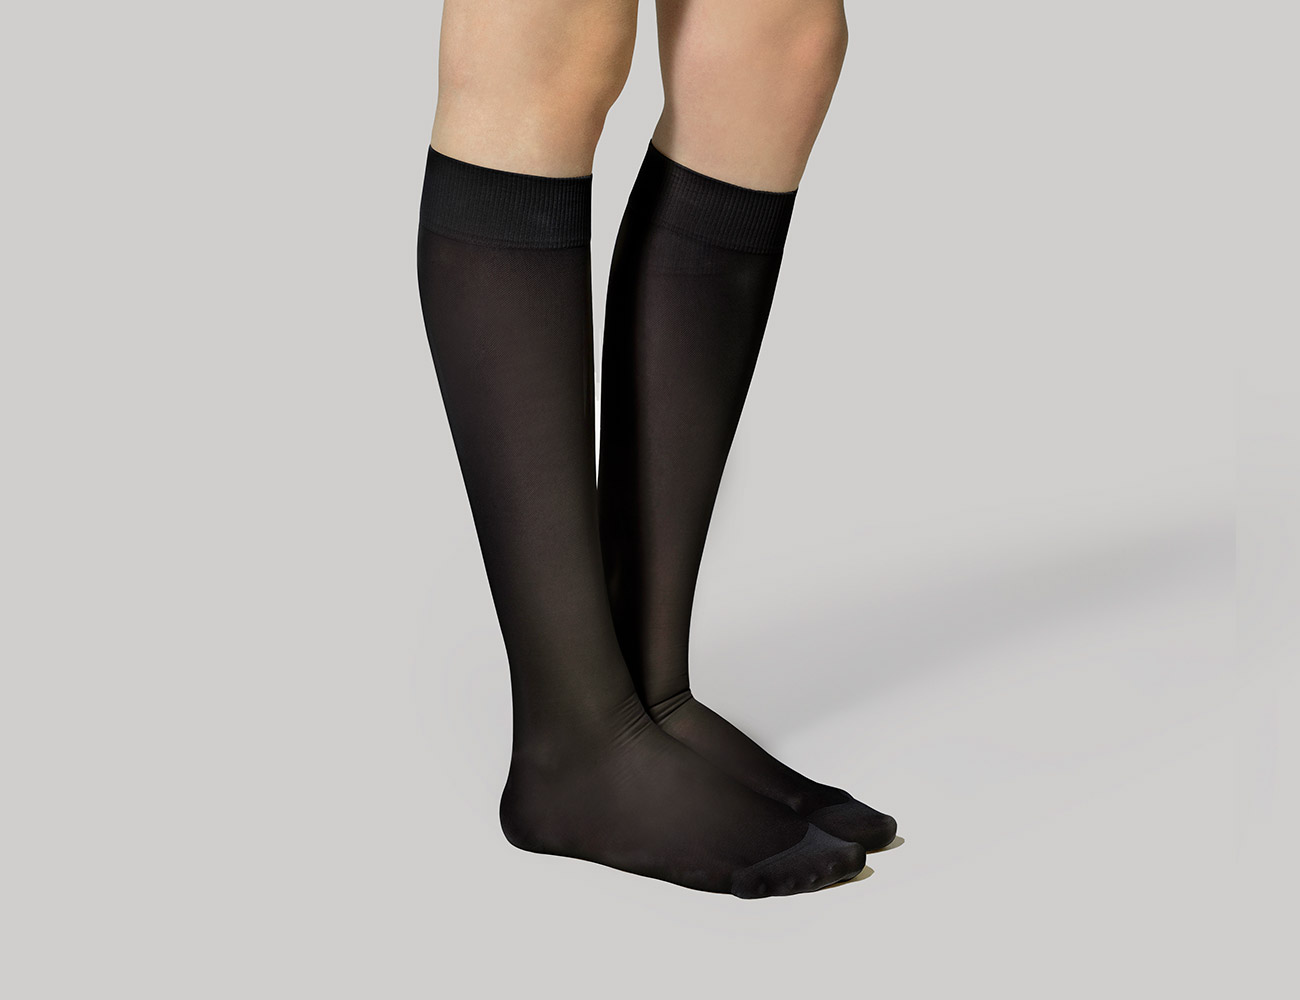 Γυναικείες Κάλτσες Διαβαθμισμένης Συμπίεσης 140 DEN – Christou 1910 0cc893acea9